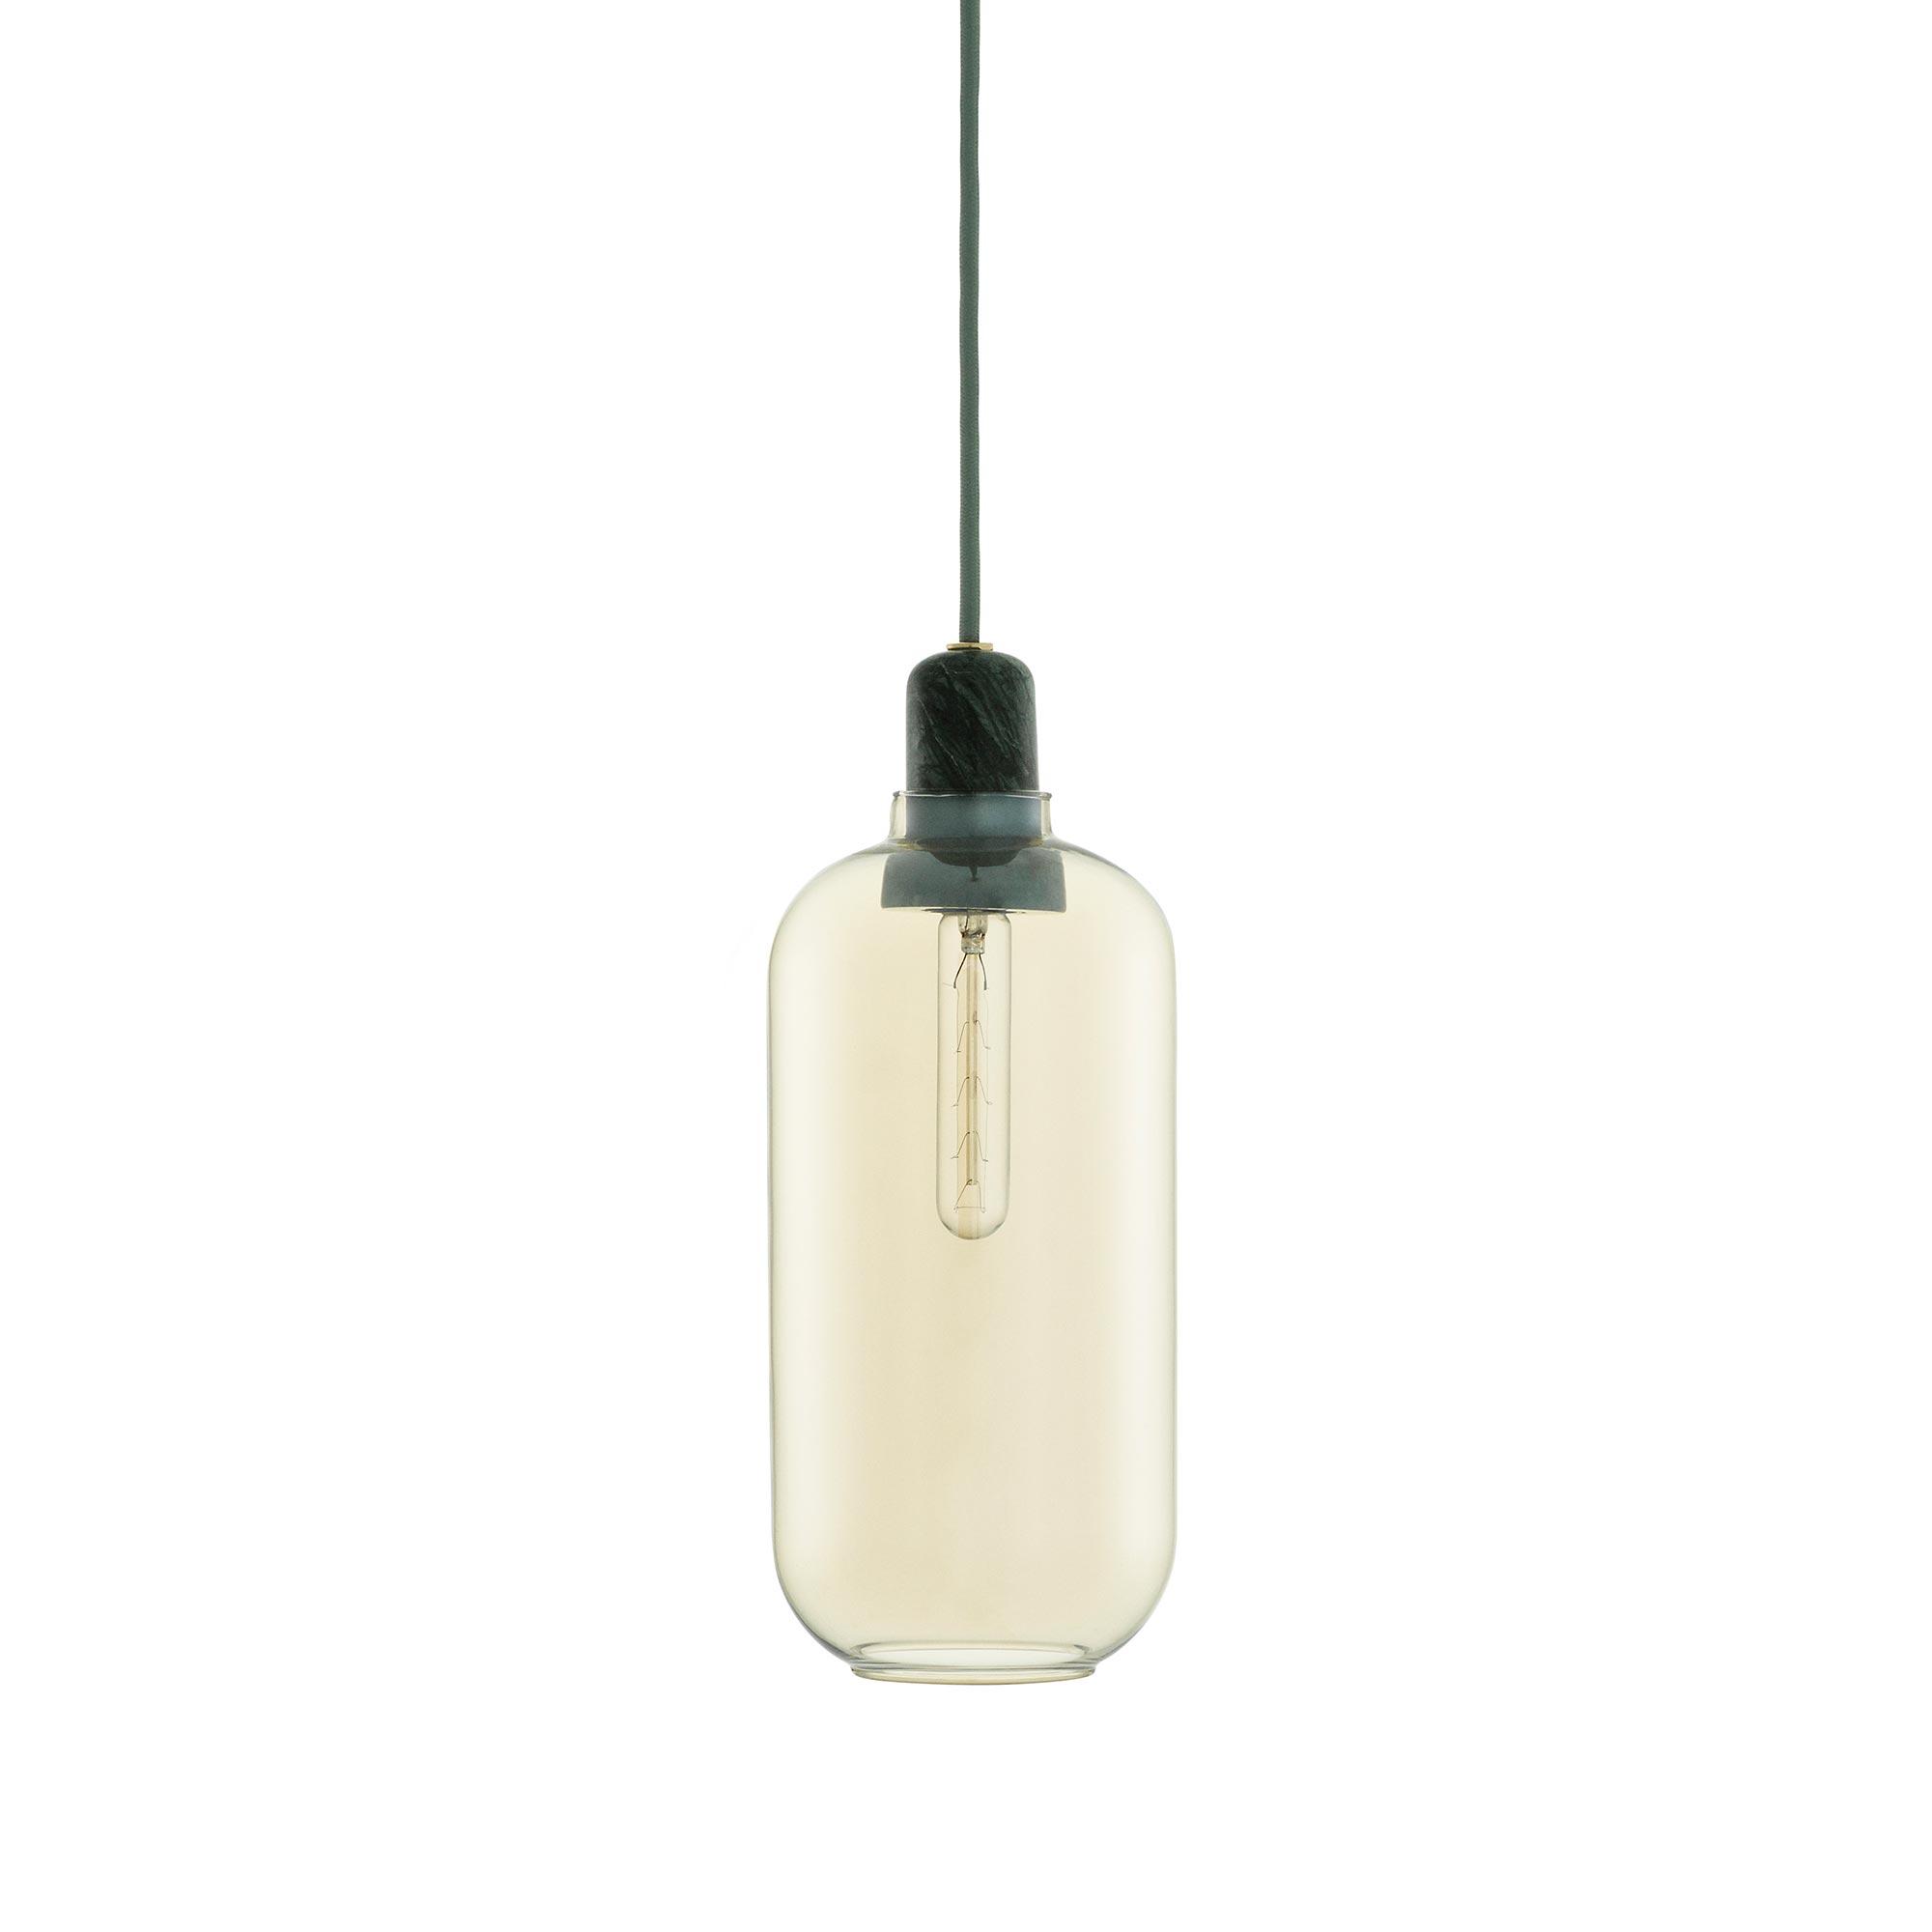 normann copenhagen amp lampe gr n m bel b r ag. Black Bedroom Furniture Sets. Home Design Ideas